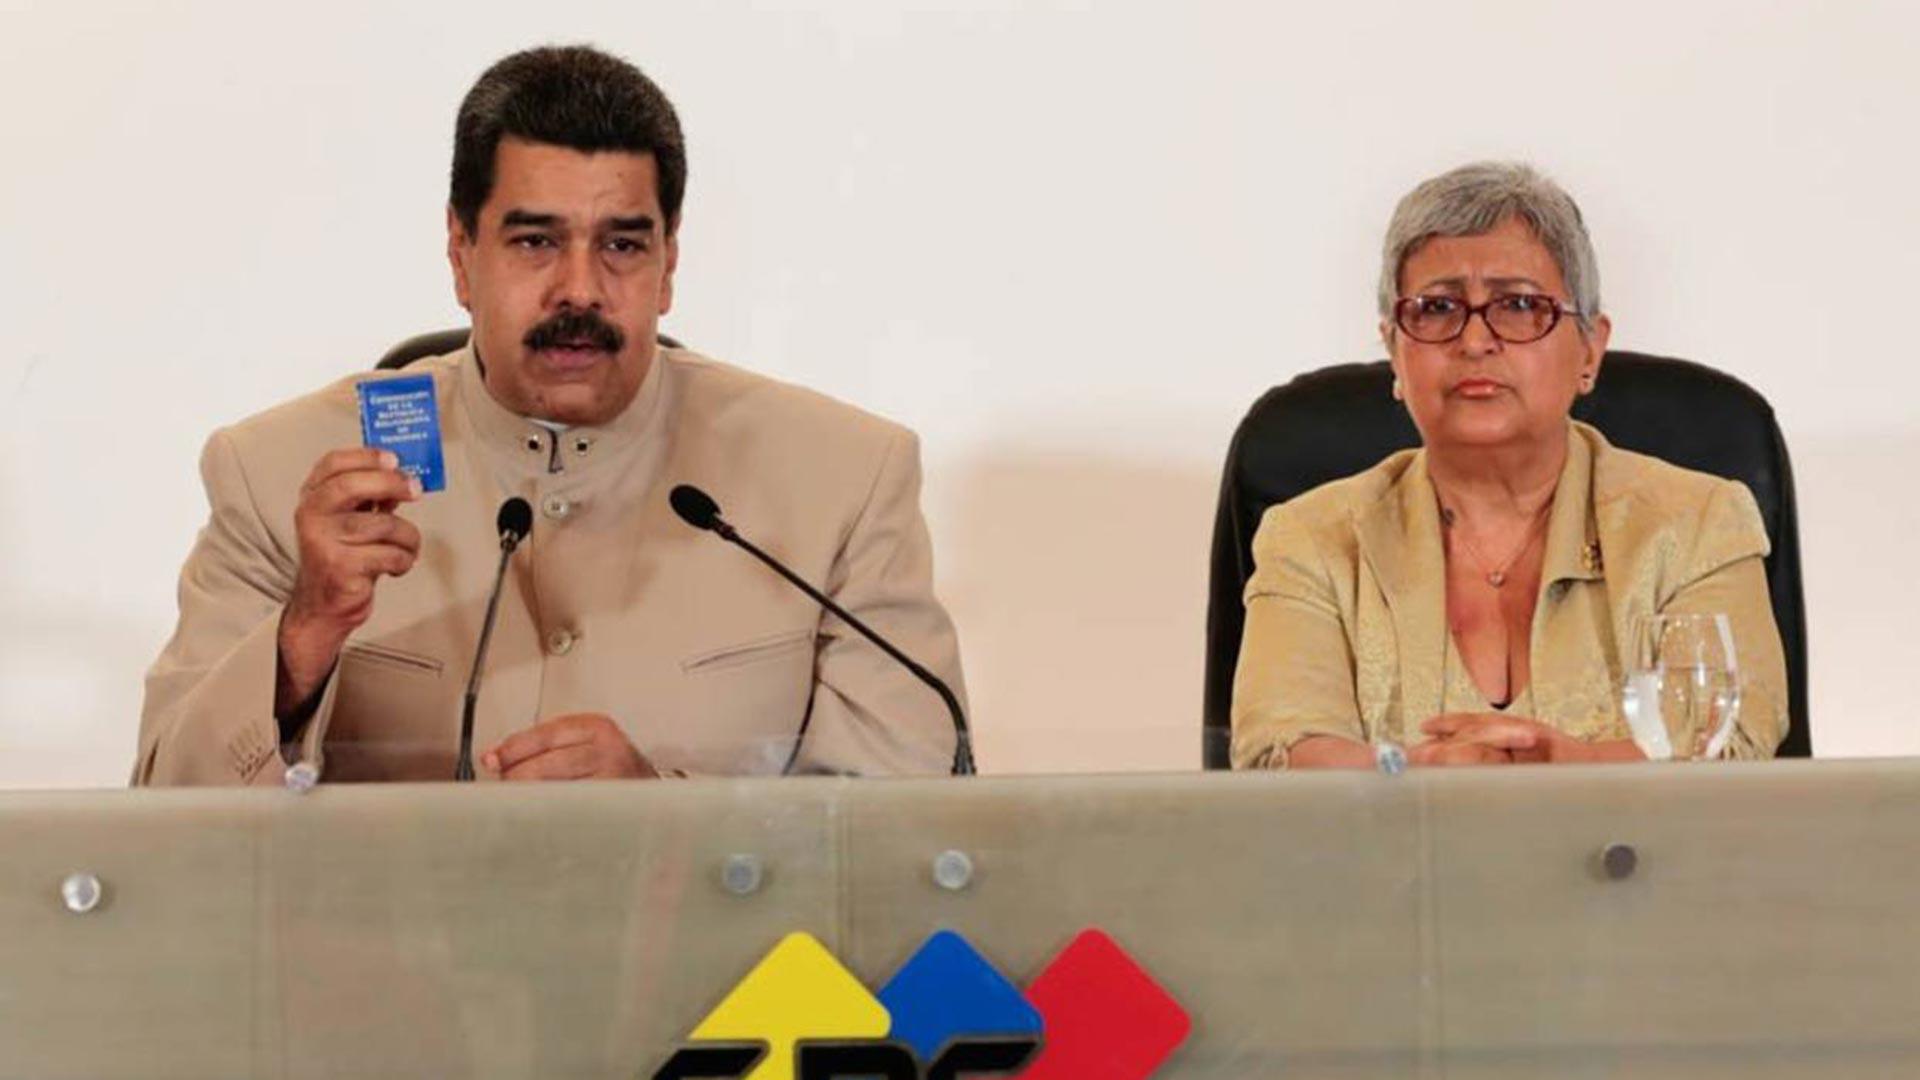 Nicolás Maduro, junto a la presidenta del CNE, Tibisay Lucena. El ente fue acusado de fraude en las elecciones regionales y municipales de 2017